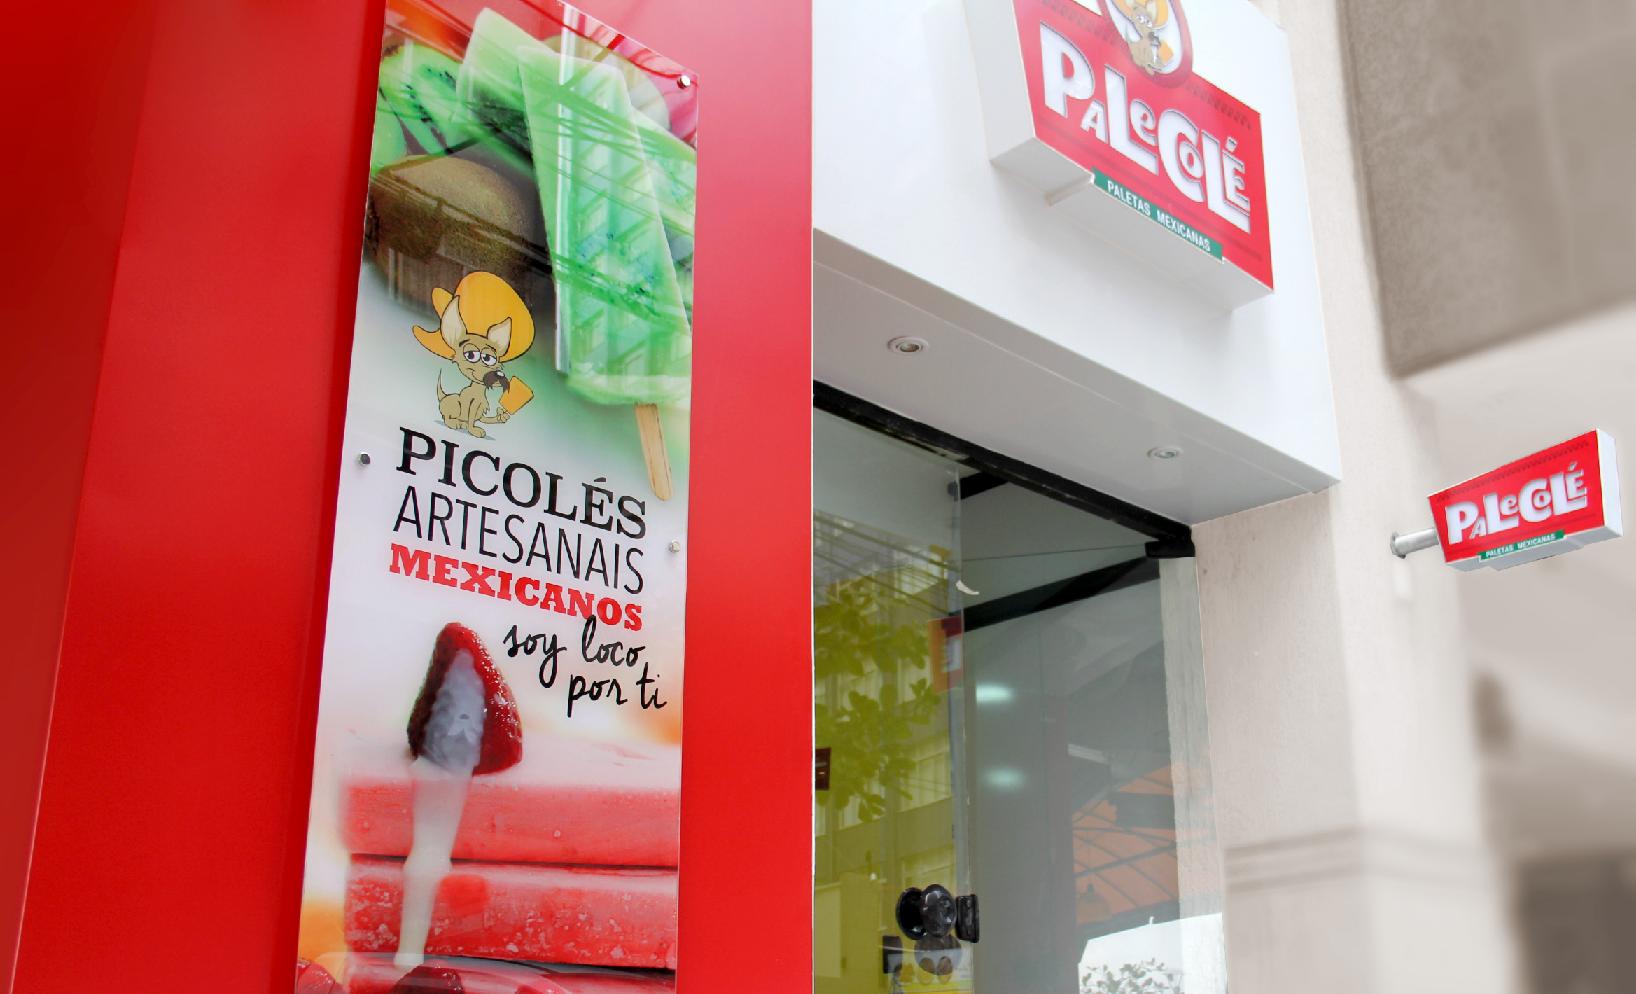 franquia-palecole-picoles-artesanais